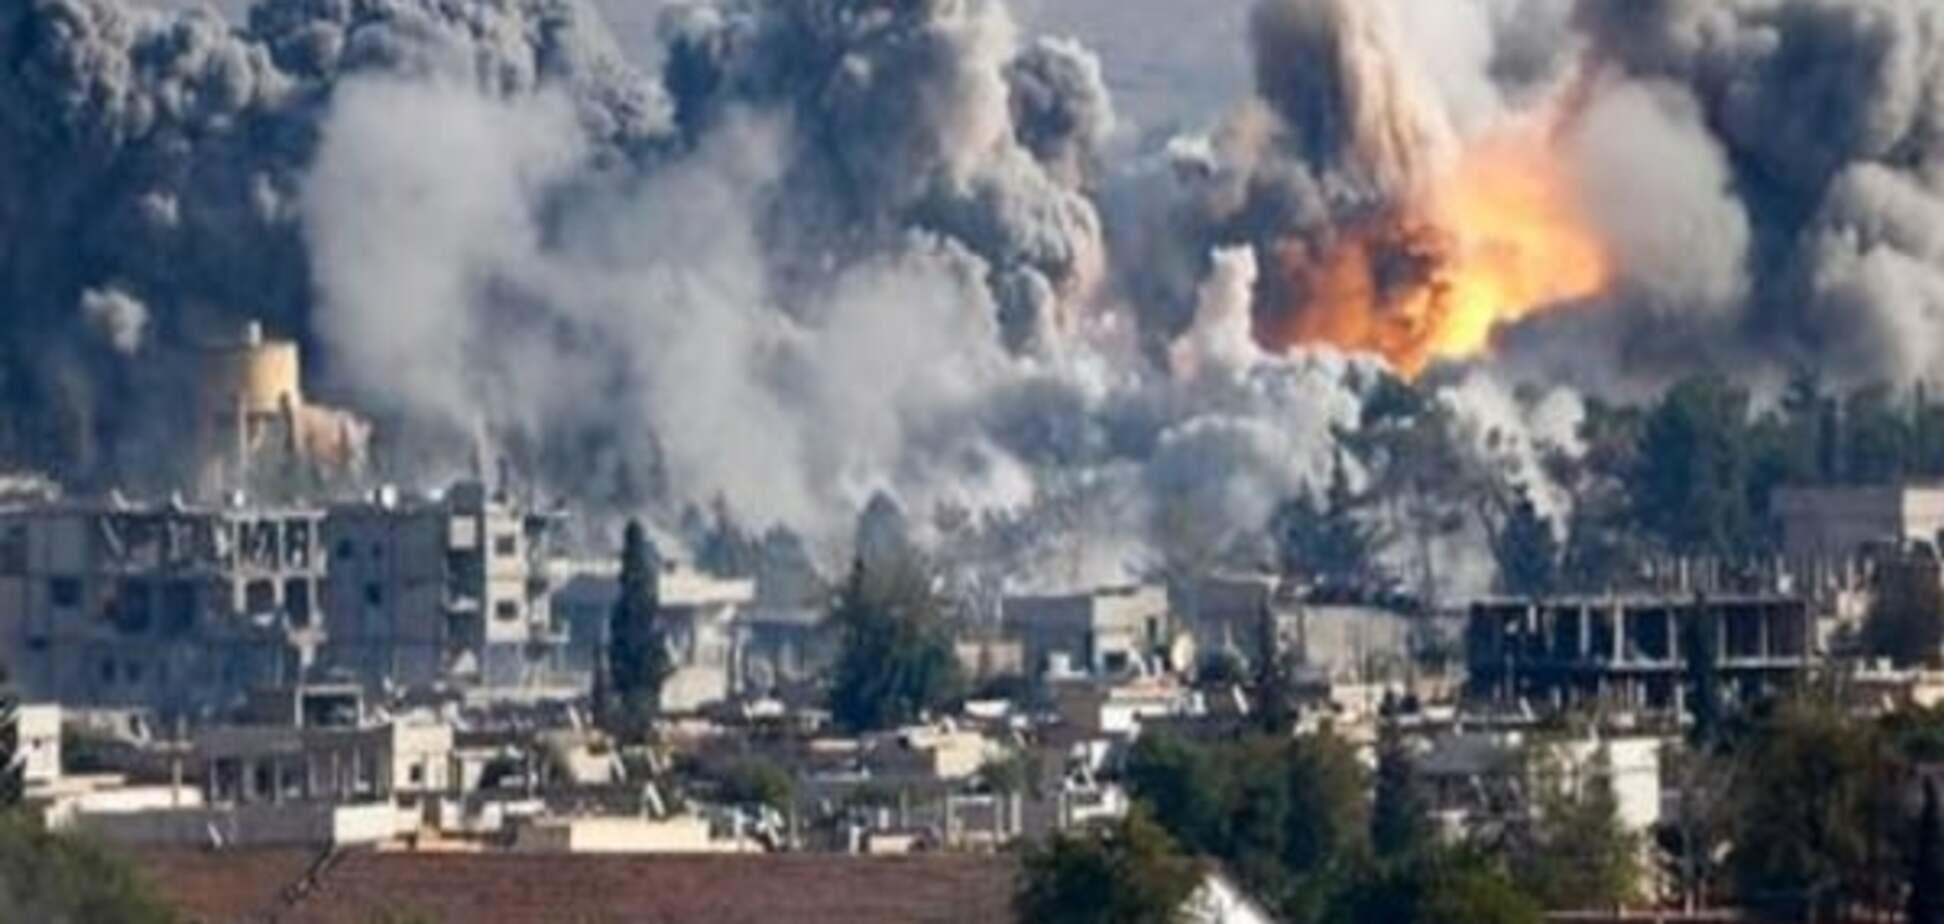 Успехи авиаоперации в Сирии едва ощутимы - эксперт